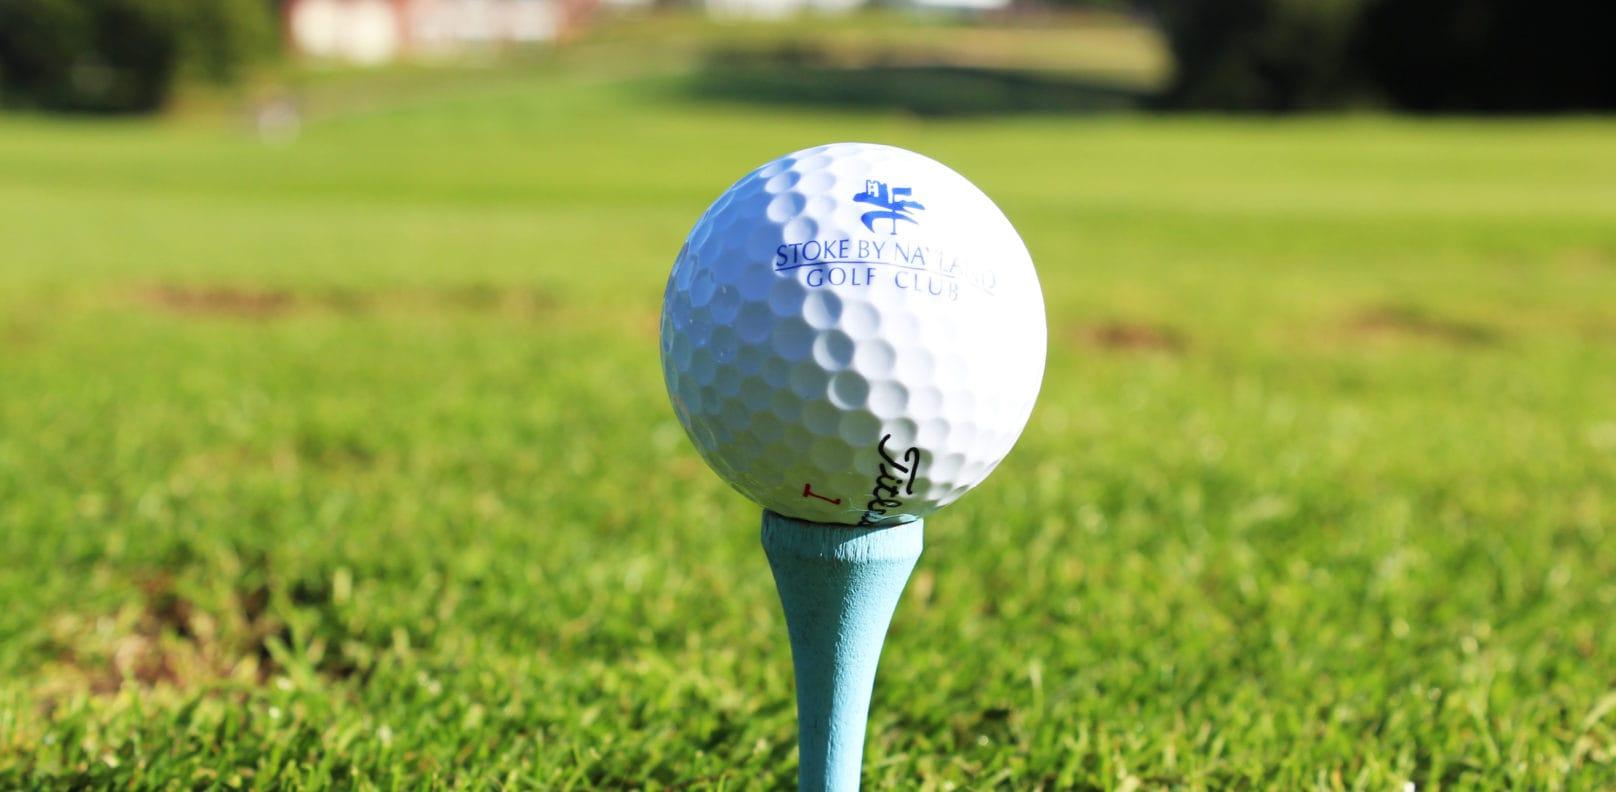 Golf ball - Stoke by Nayland Golf Club Essex